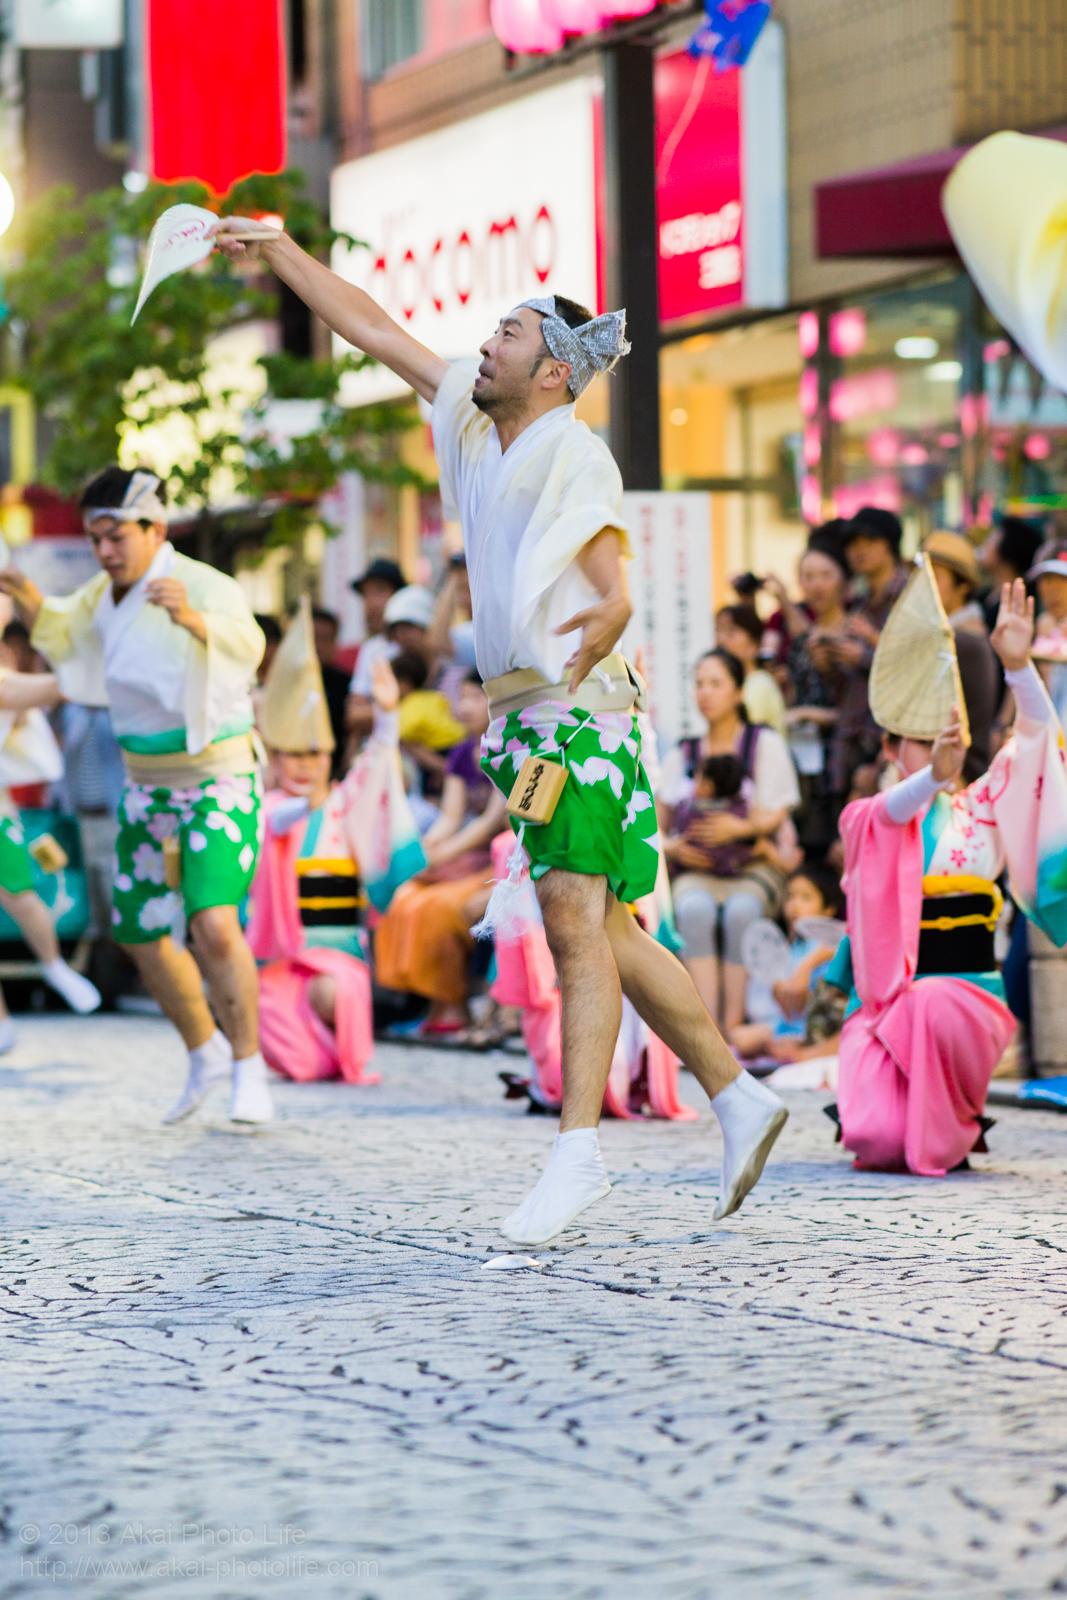 三鷹阿波踊り、小金井さくら連の躍動感あふれる男踊り